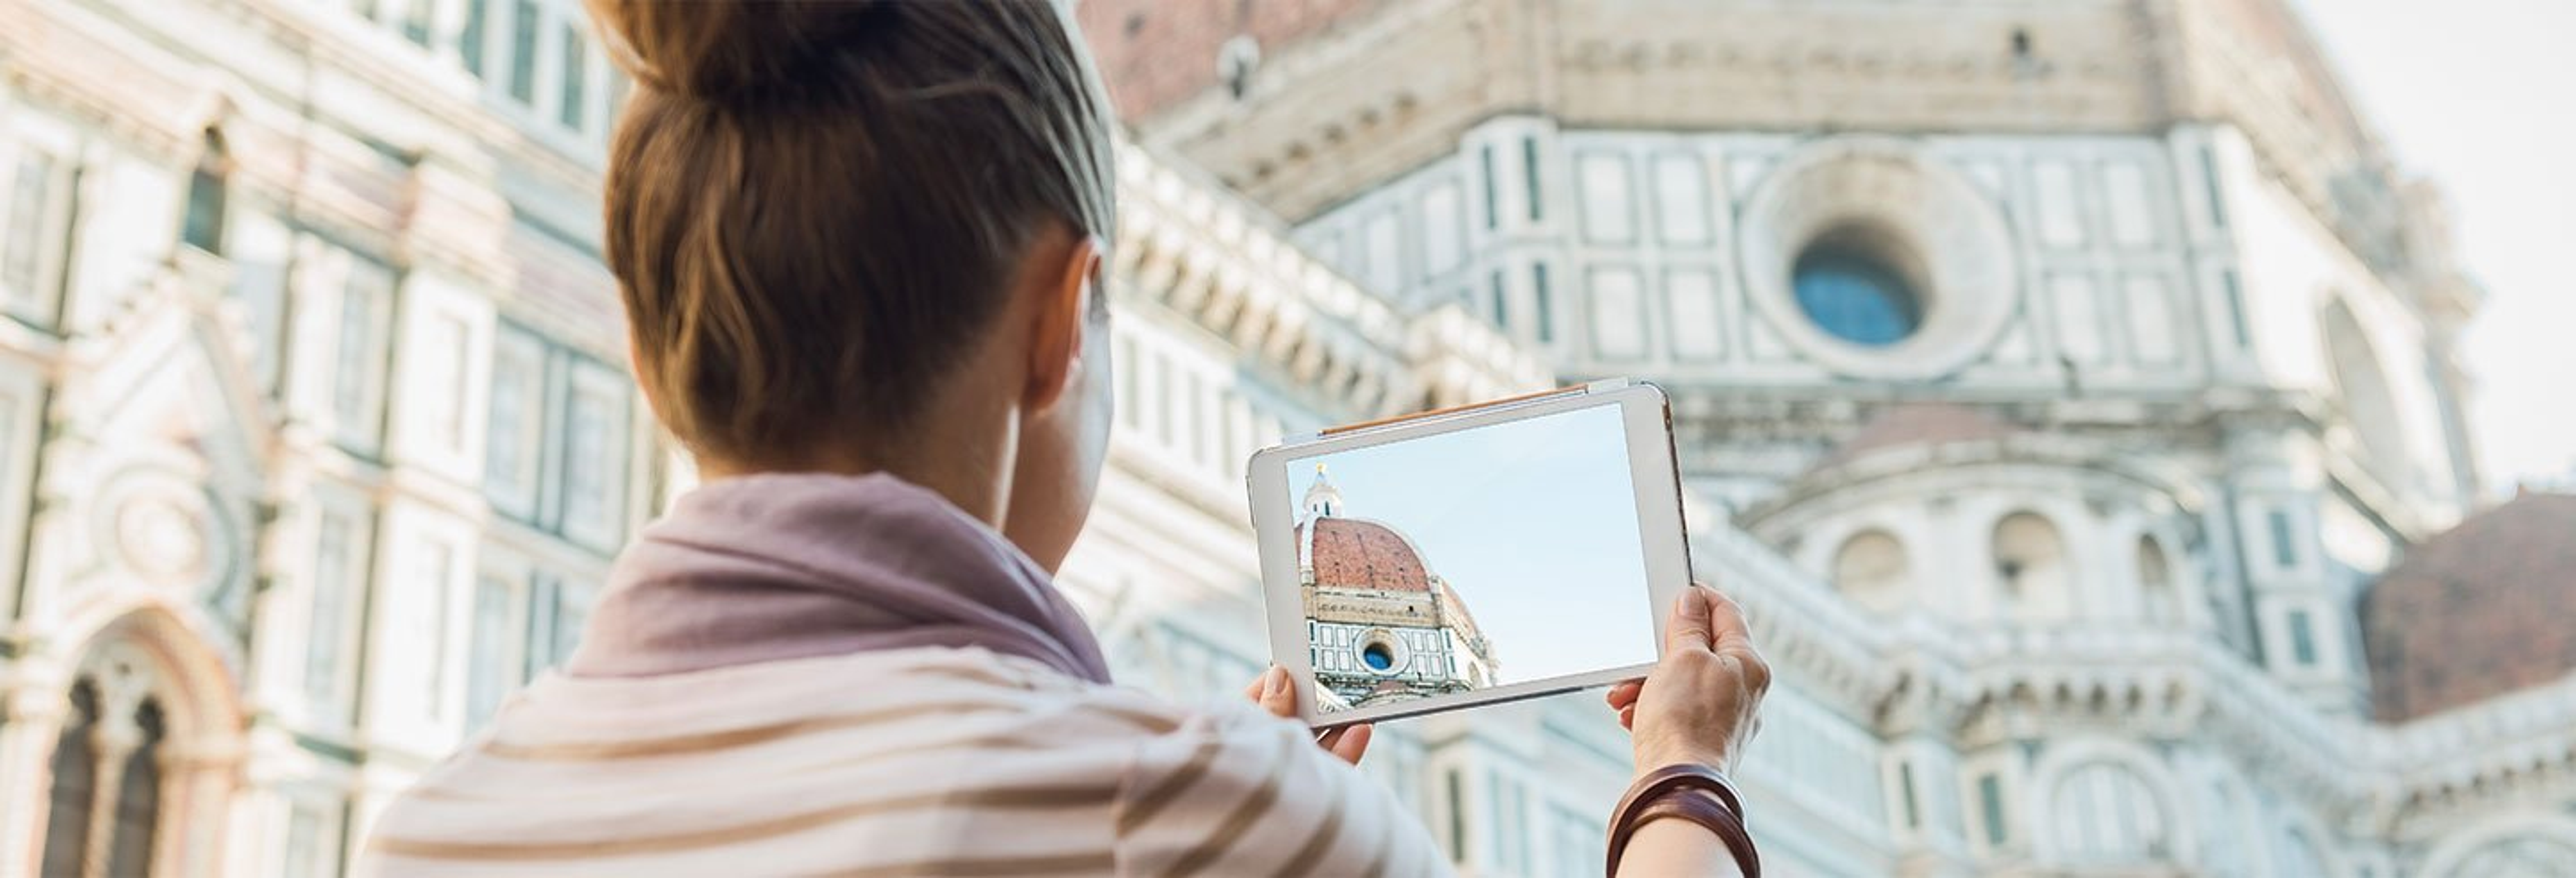 Escursione a Firenze